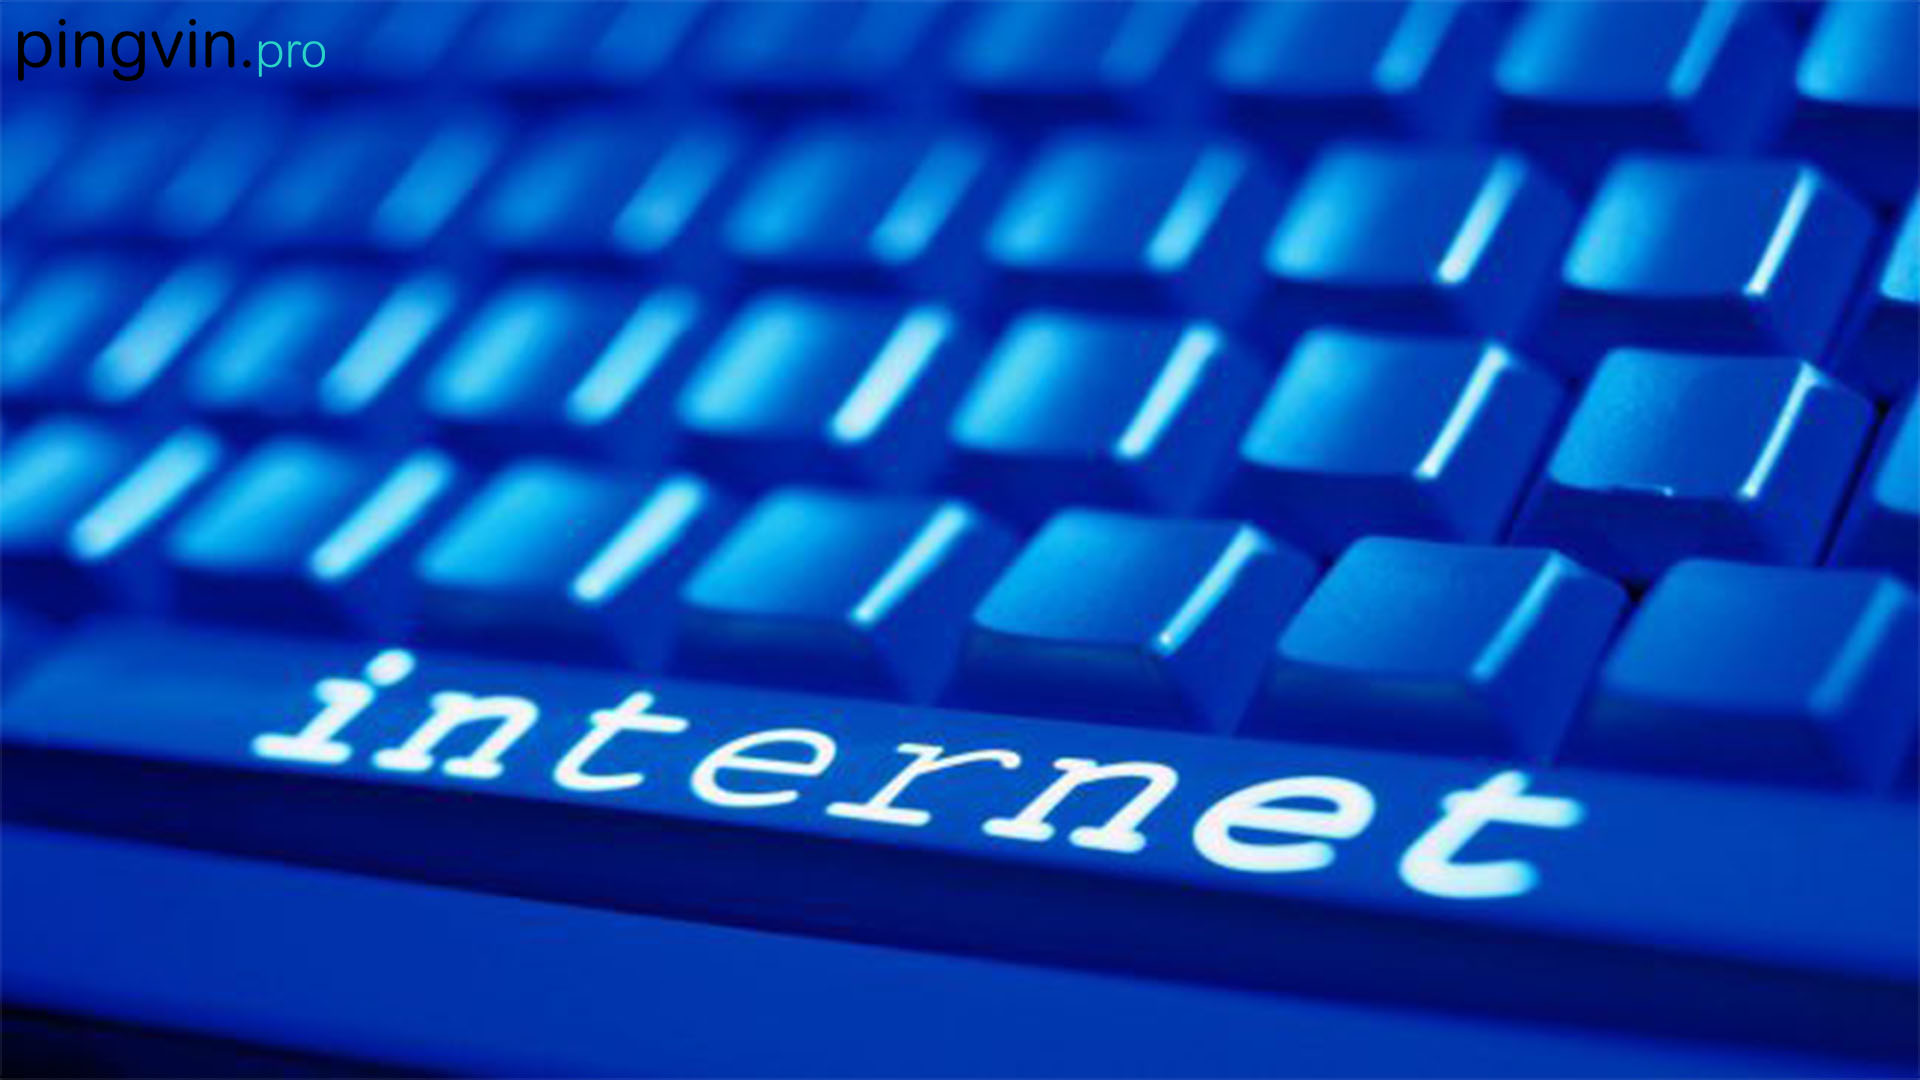 найбільш захищений інтернет / Дія.Цифрова освіта / оптичного інтернету / дезінформацію в Інтернеті